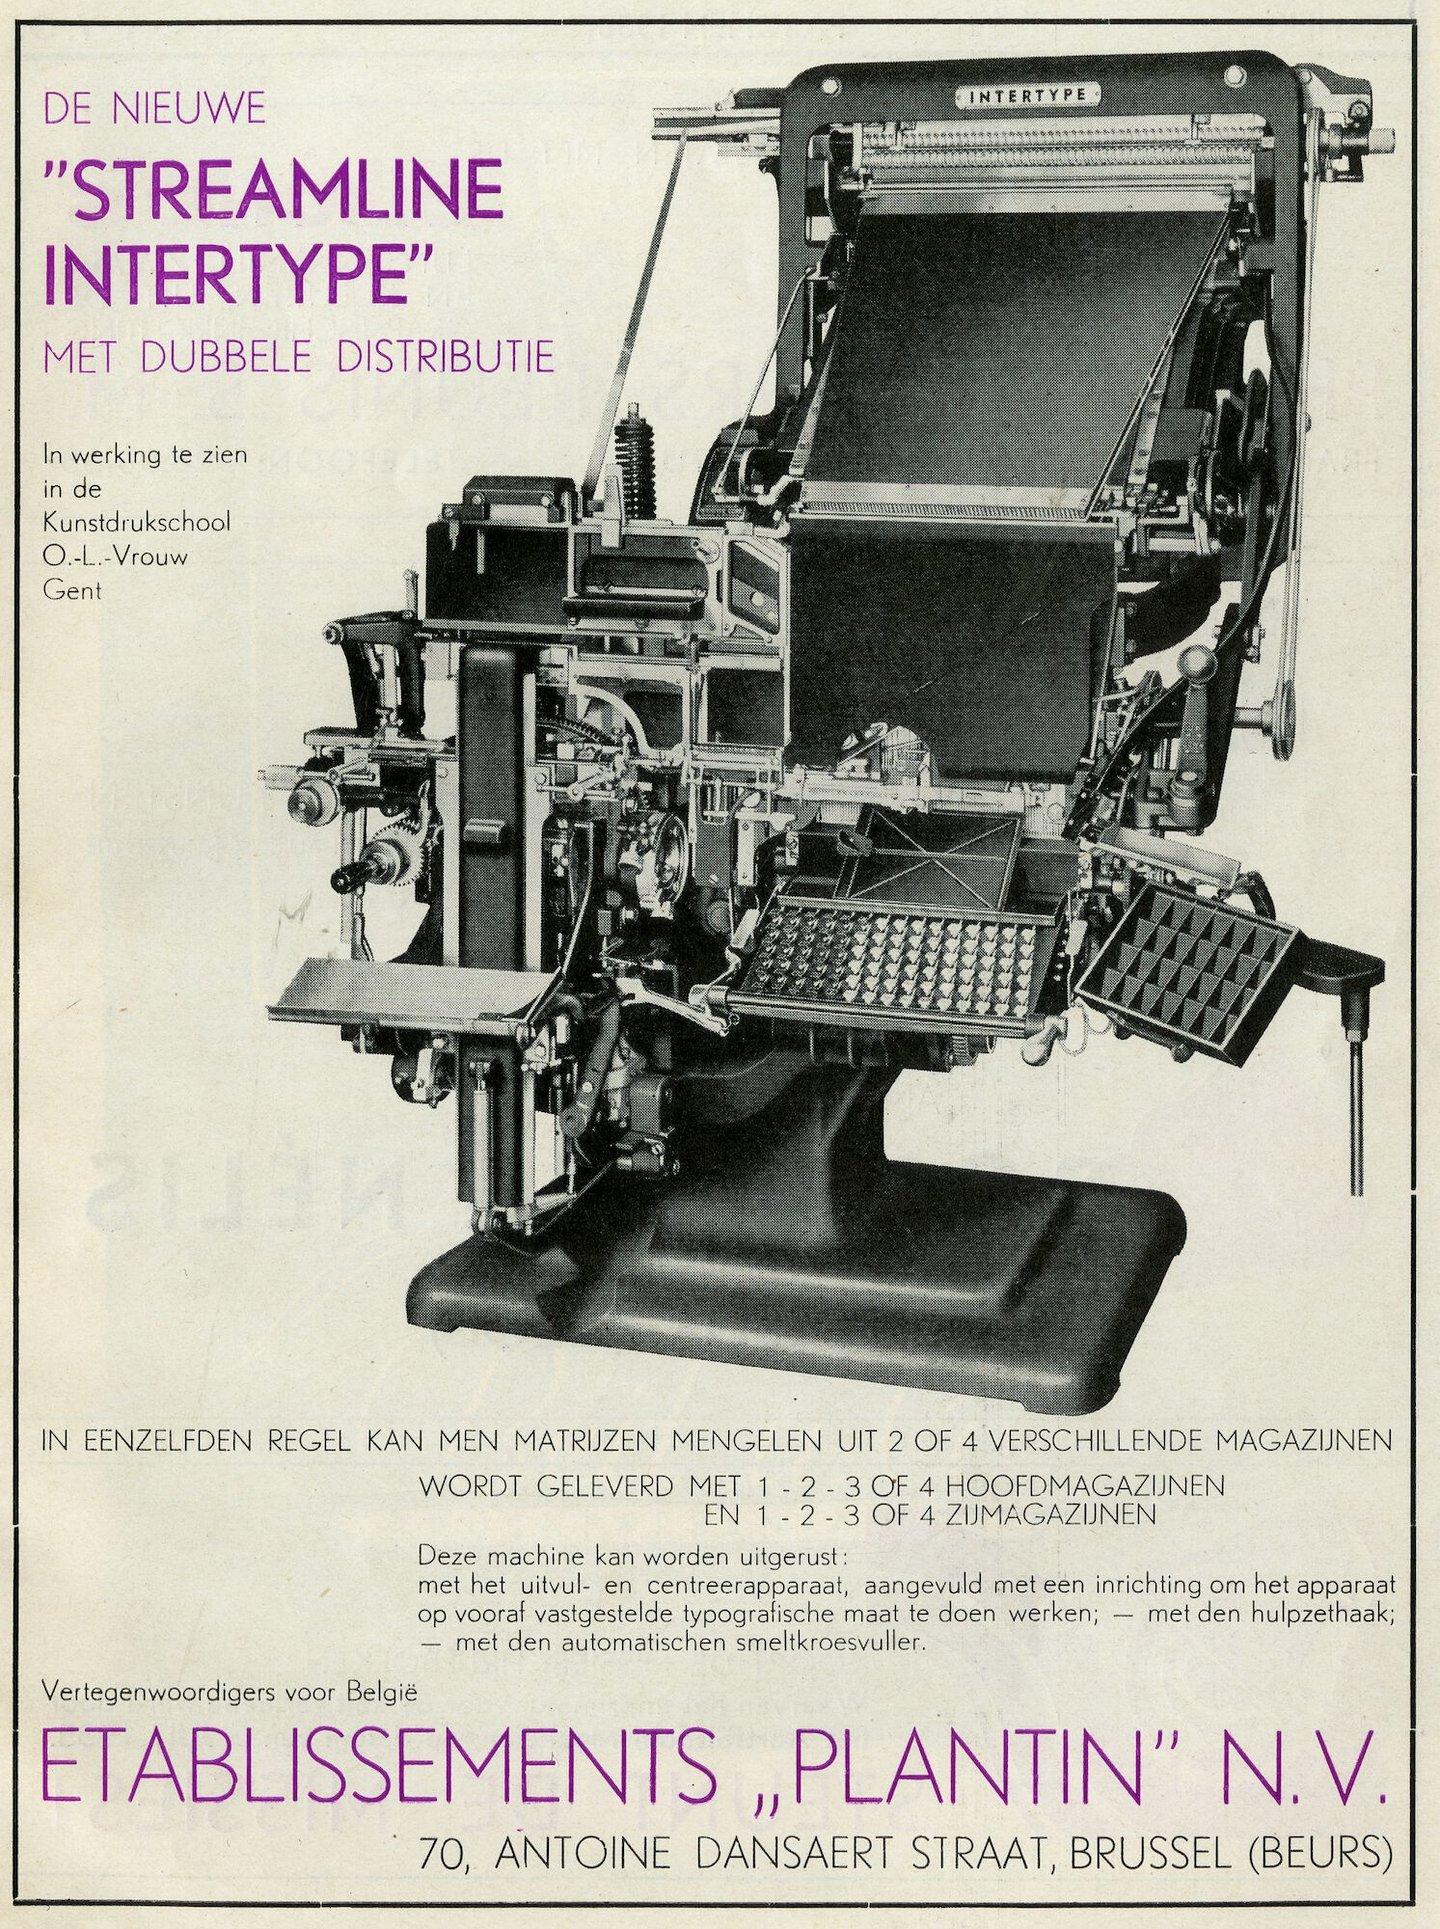 Reclame voor Intertype zetmachine verdeeld door Plantin